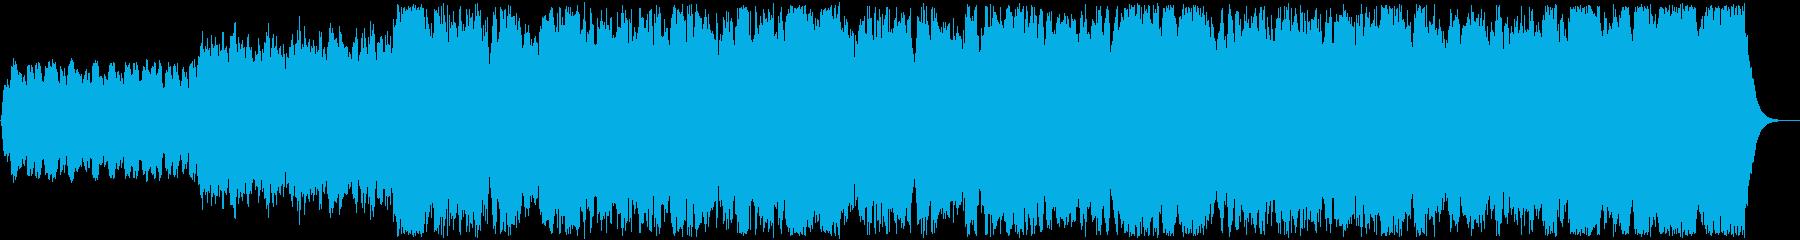 パイプオルガン前奏曲オリジナルです。の再生済みの波形